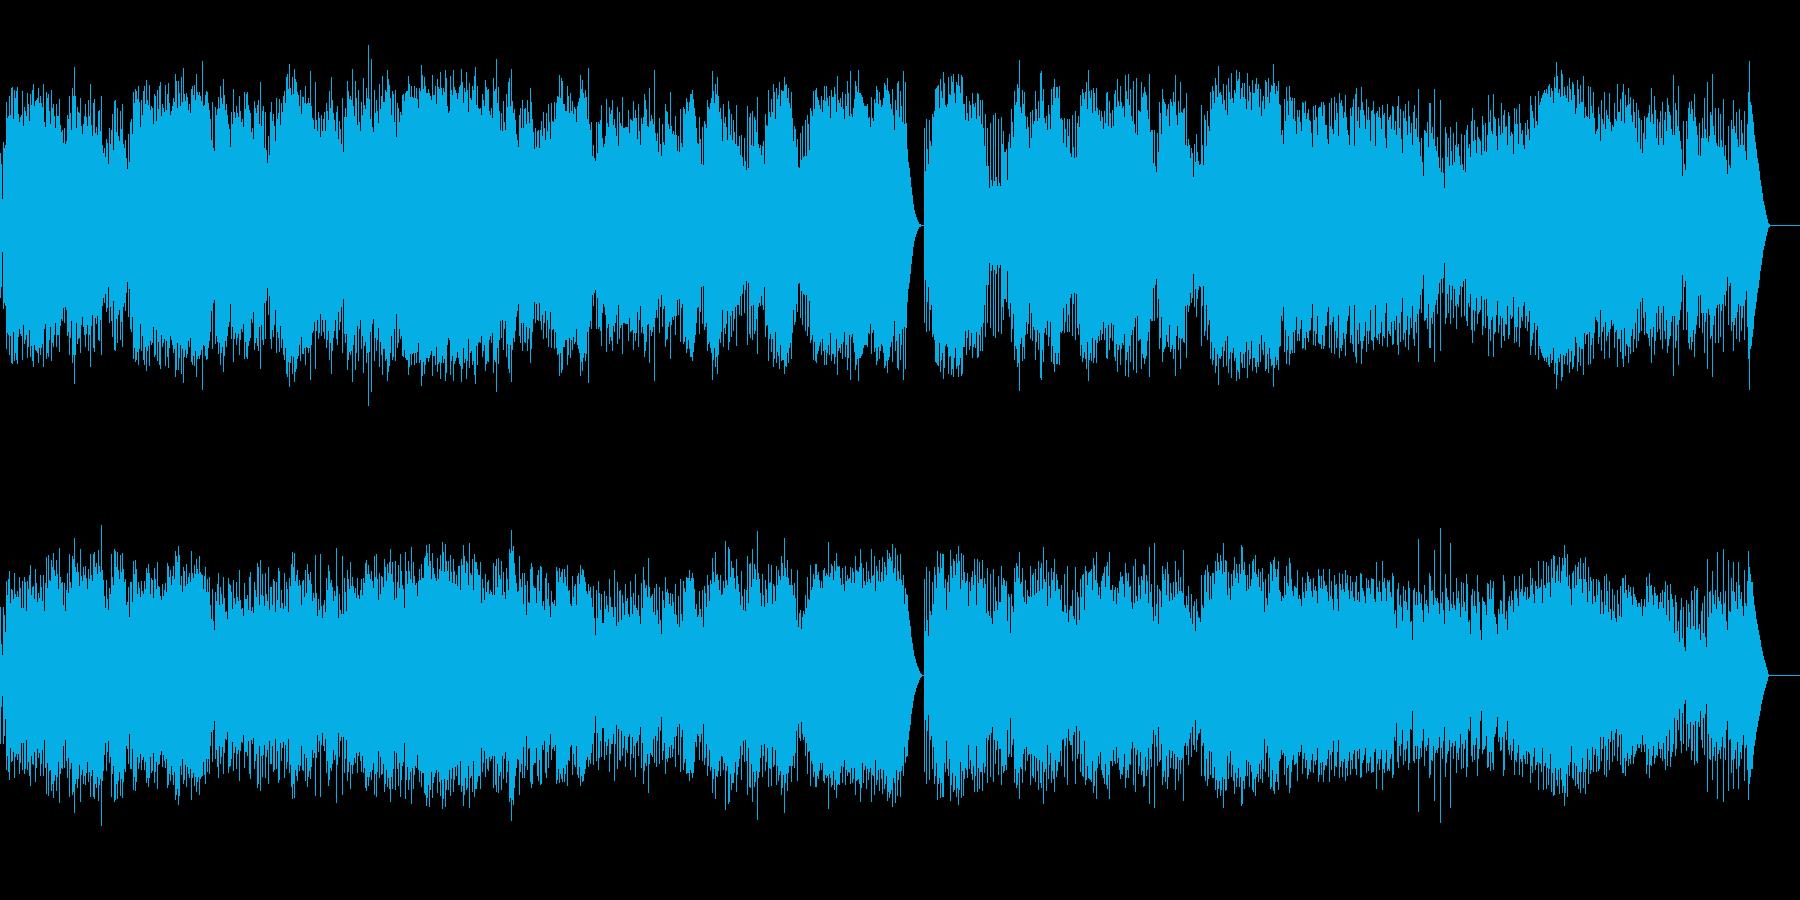 バッハ 無伴奏チェロ組曲 (オルゴール)の再生済みの波形